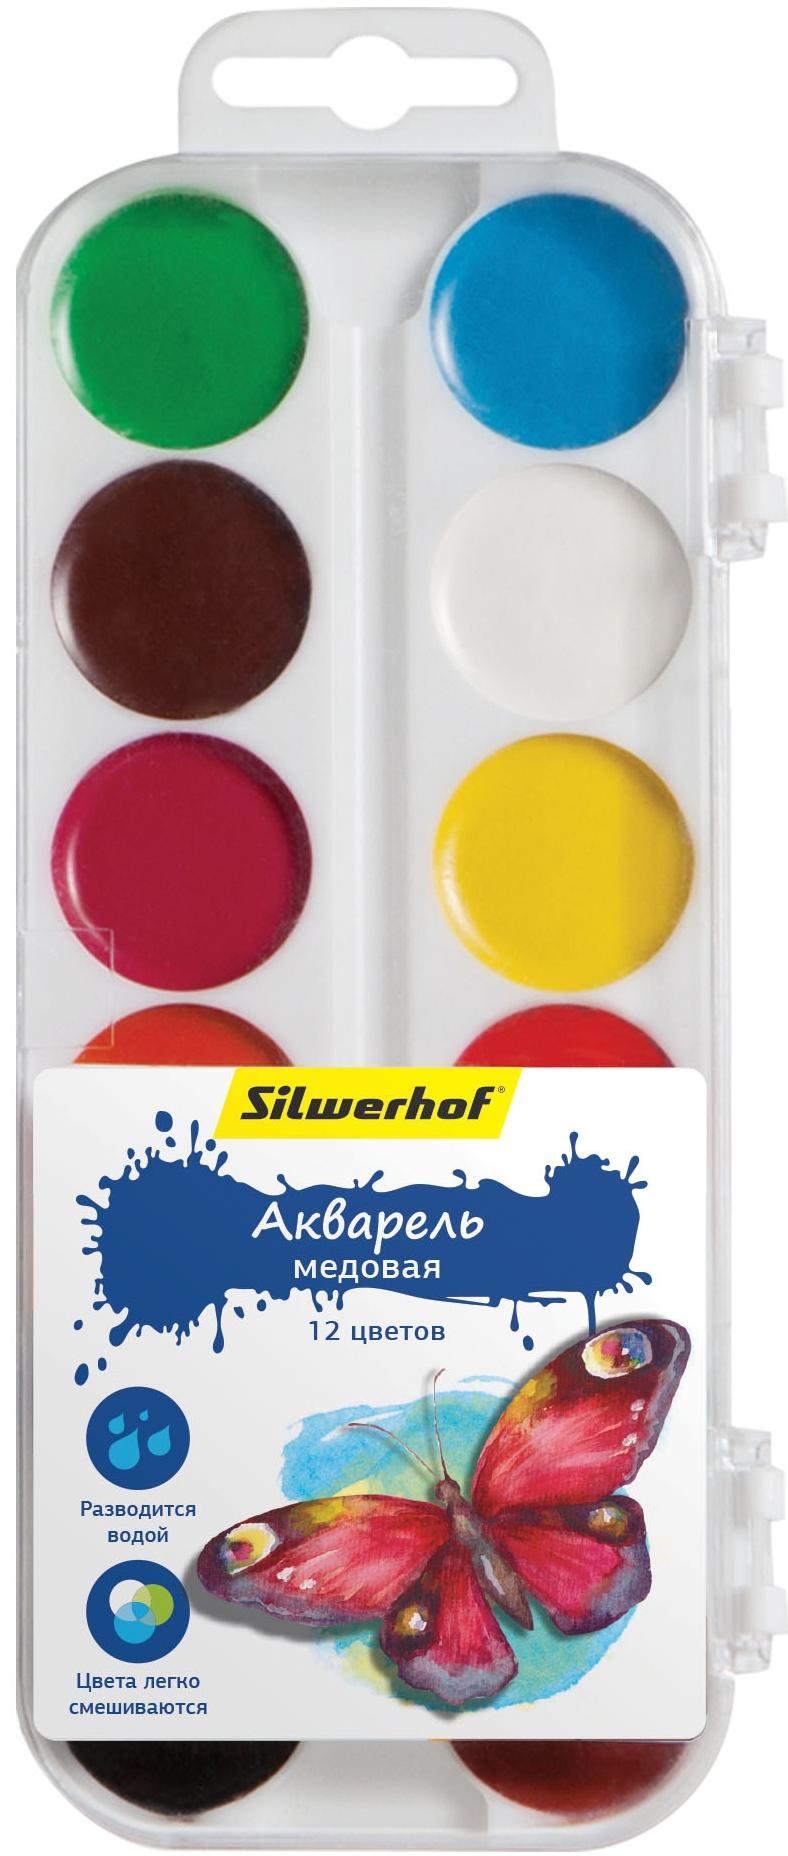 Акварель Silwerhof Медовая Бабочки 12 цветов акварель медовая чудо краски 21 цвет